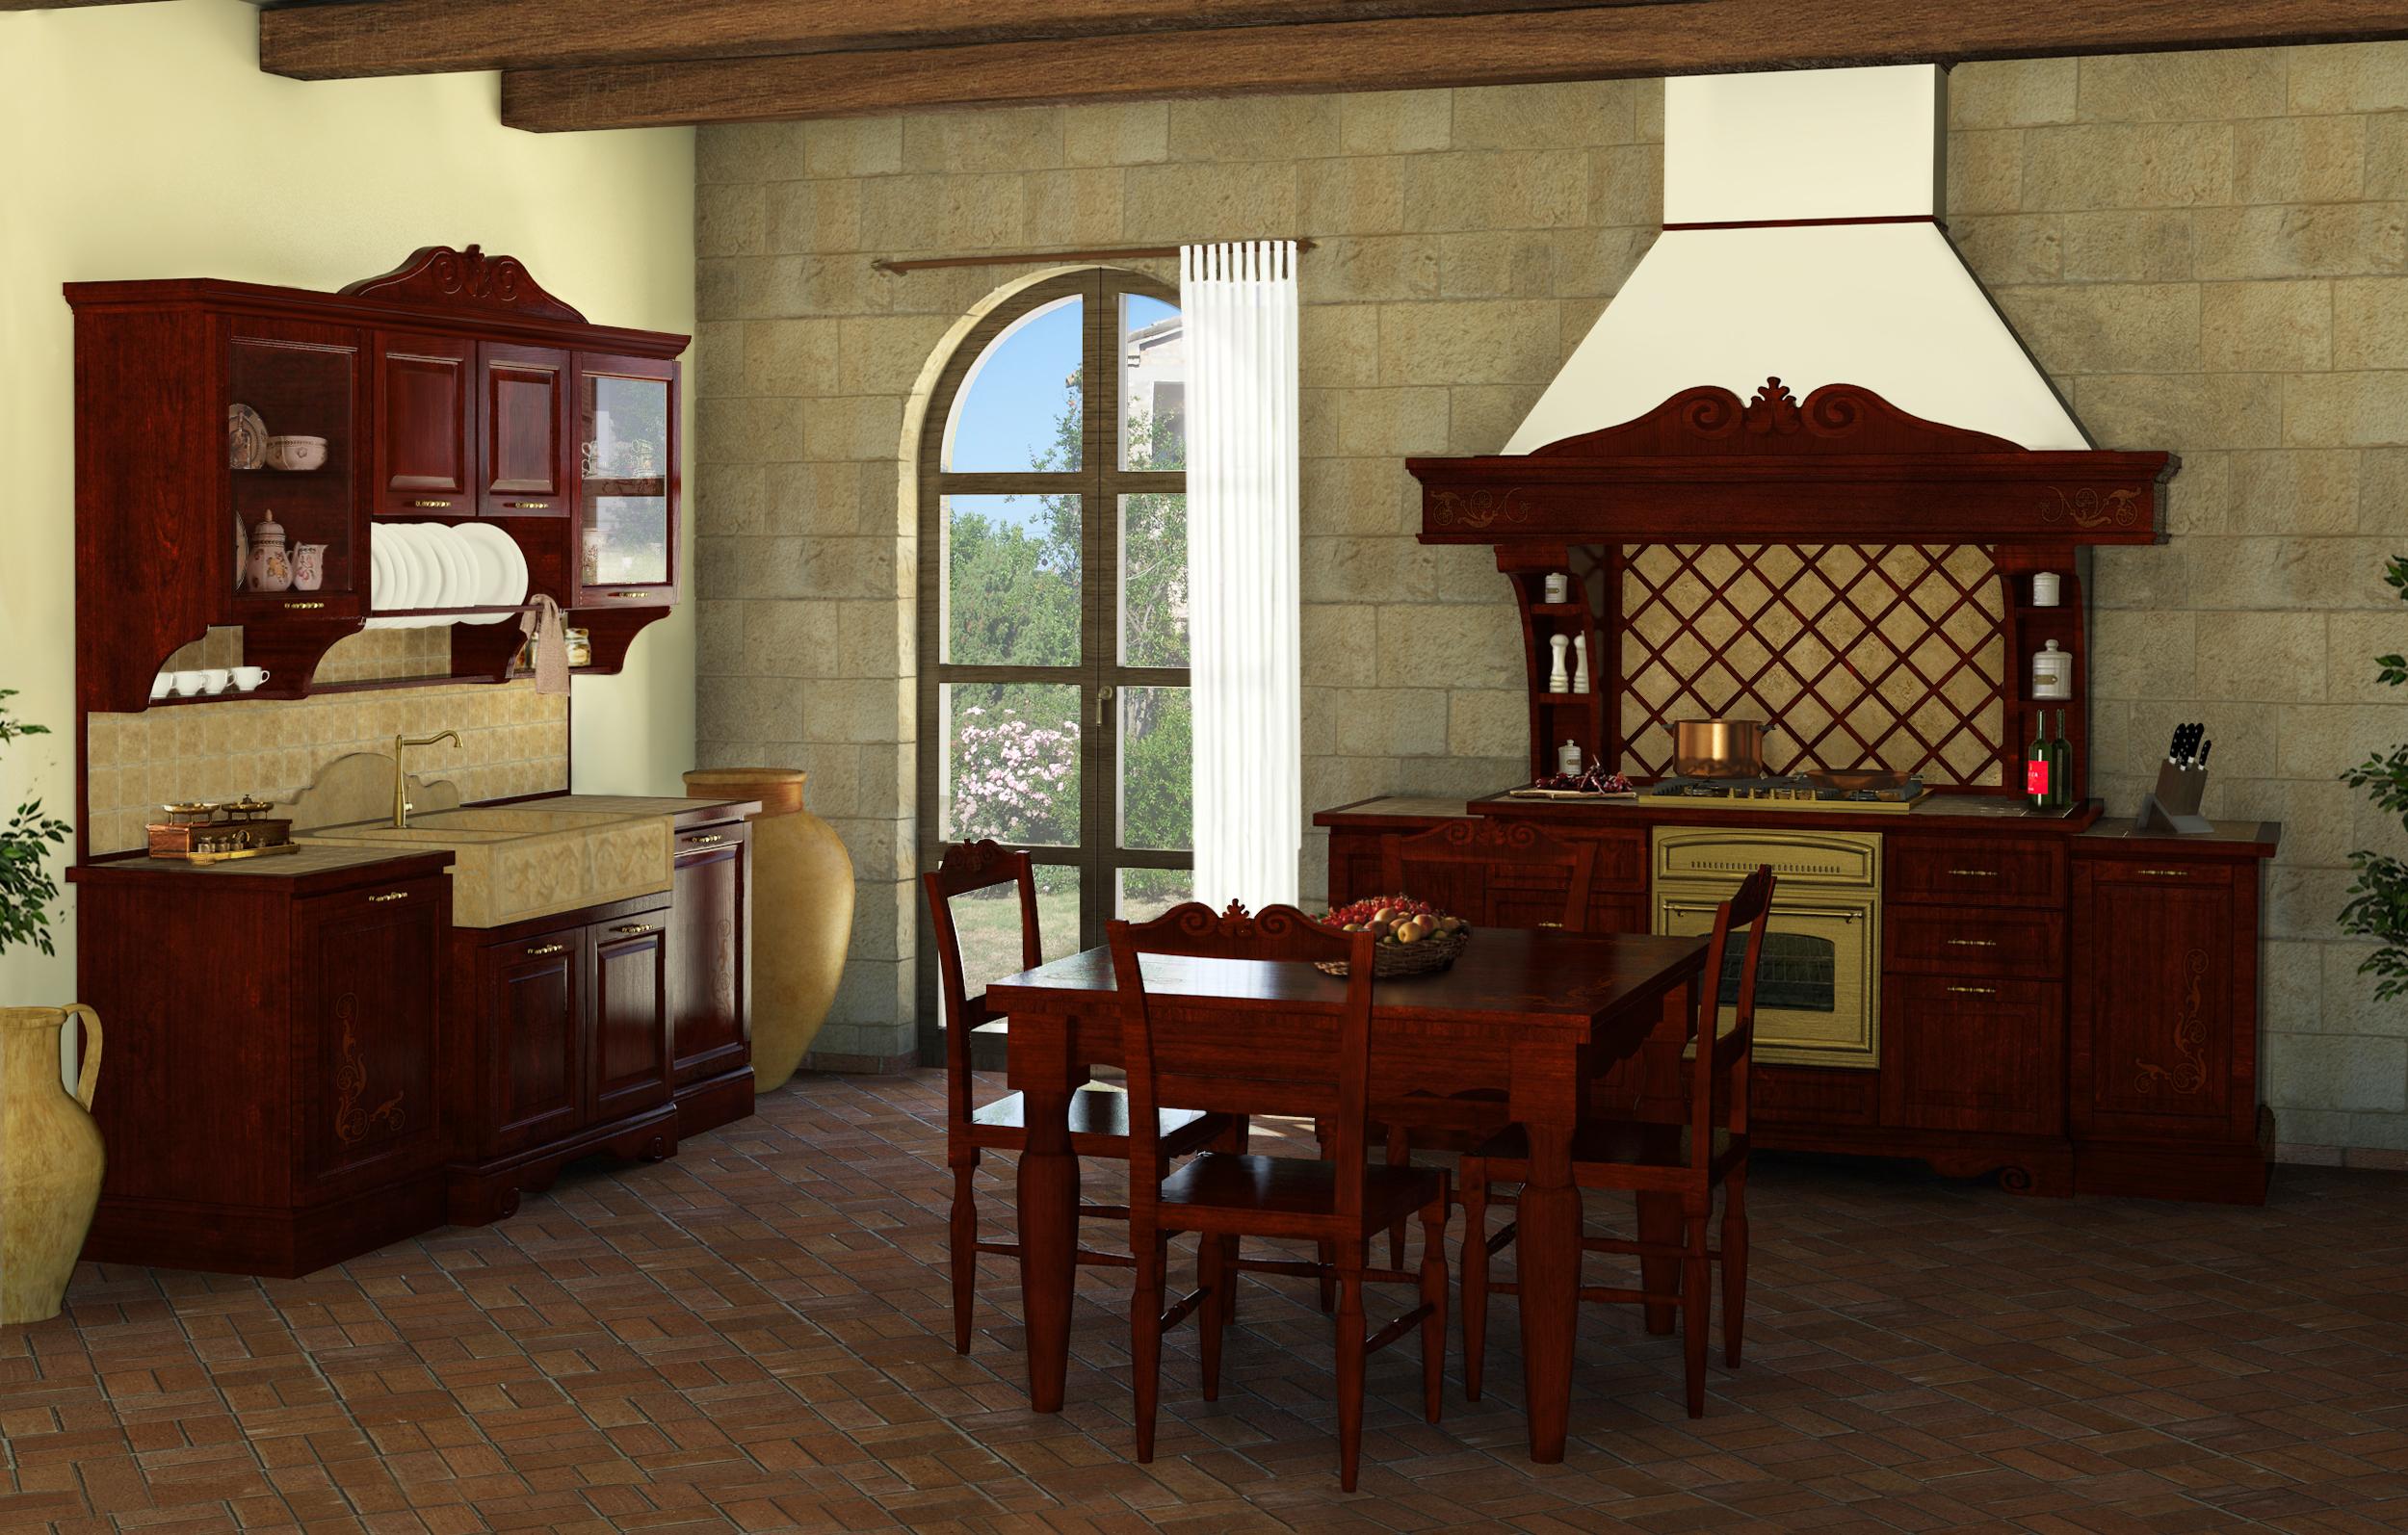 Cucine della nonna cucine classiche in legno massello for Interni case classiche